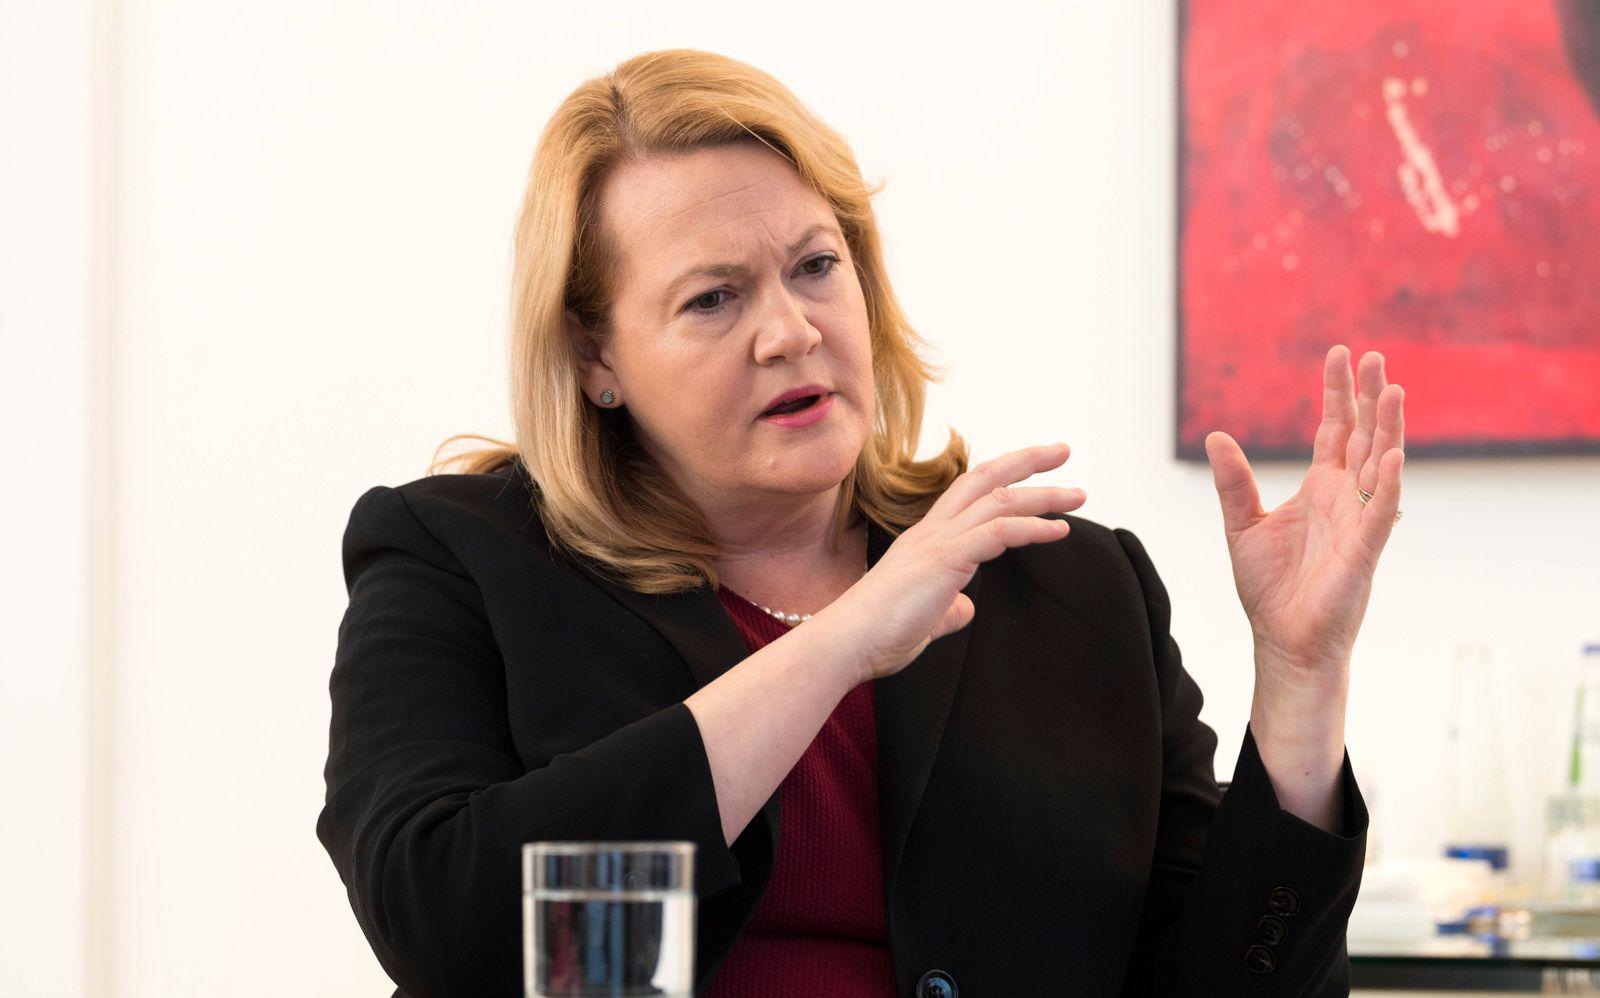 Allianz Jacqueline Jackie Hunt ist Vorstandsmitglied der Allianz SE Frau Hunt beim Handelsblatt I